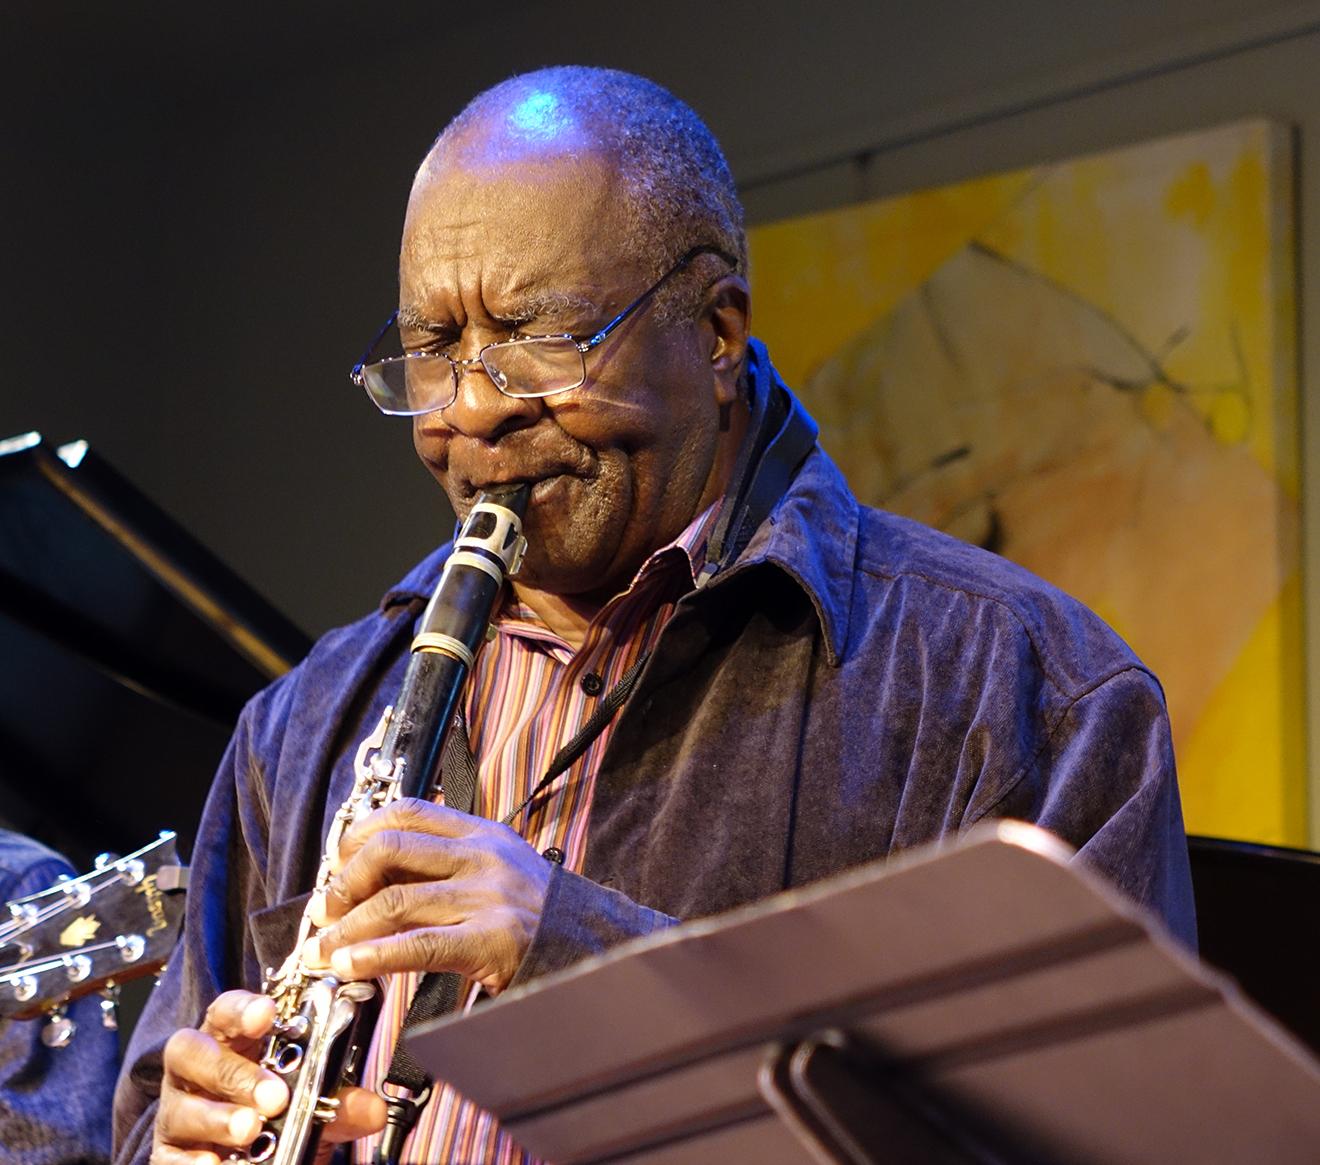 Wendell Harrison at Edgefest 2015